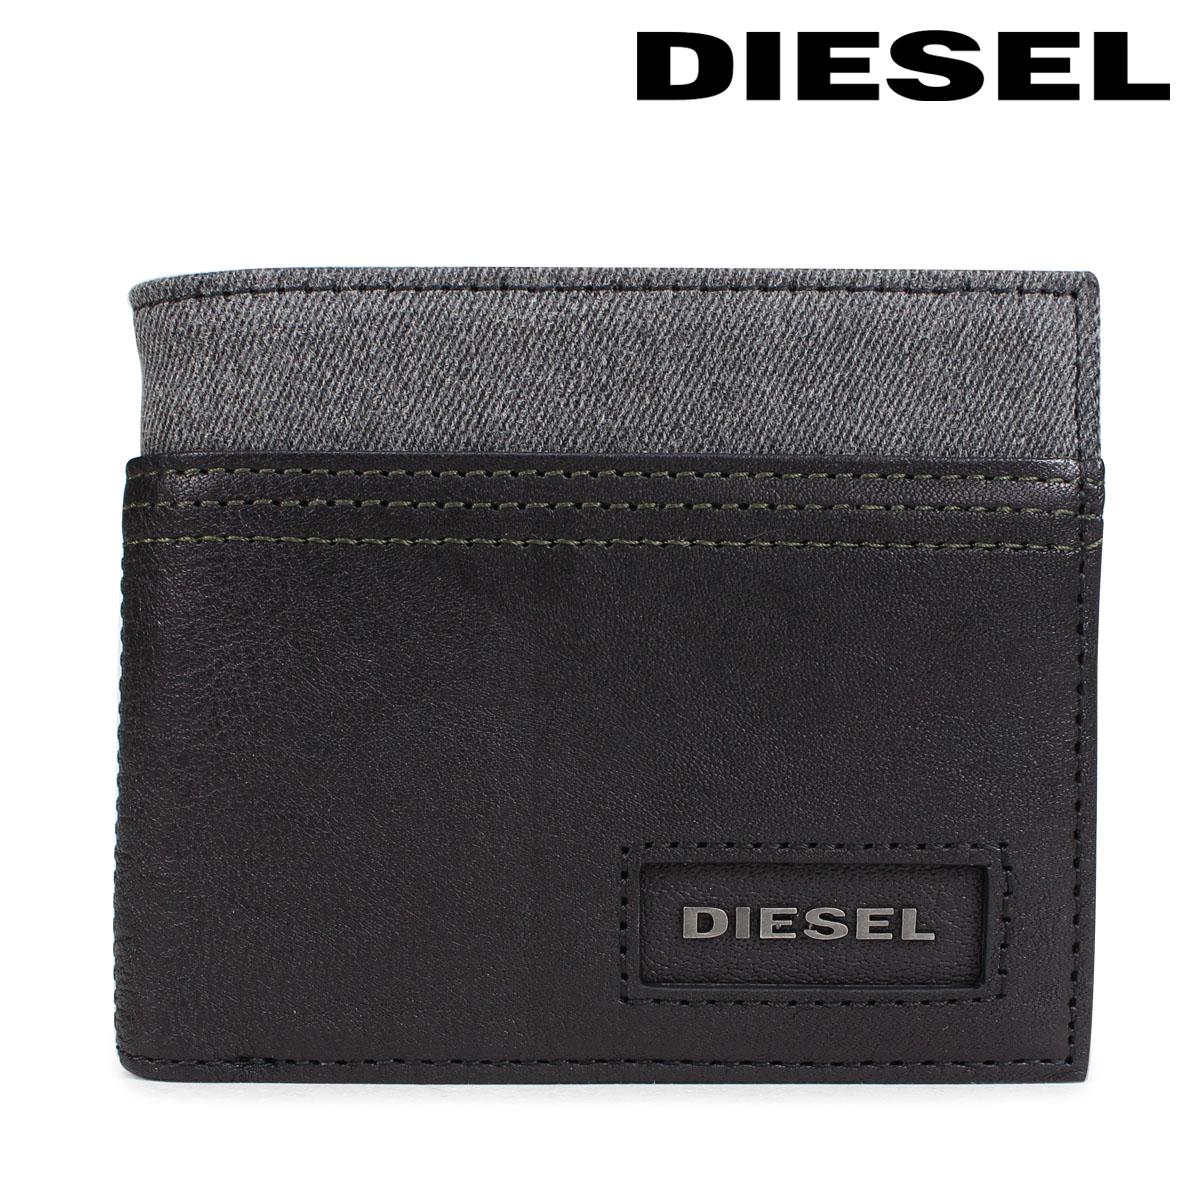 ディーゼル 財布 DIESEL メンズ 二つ折り財布 D SIDE HIRESH S X05575 PR185 H6027 ブラック [10/12 新入荷]